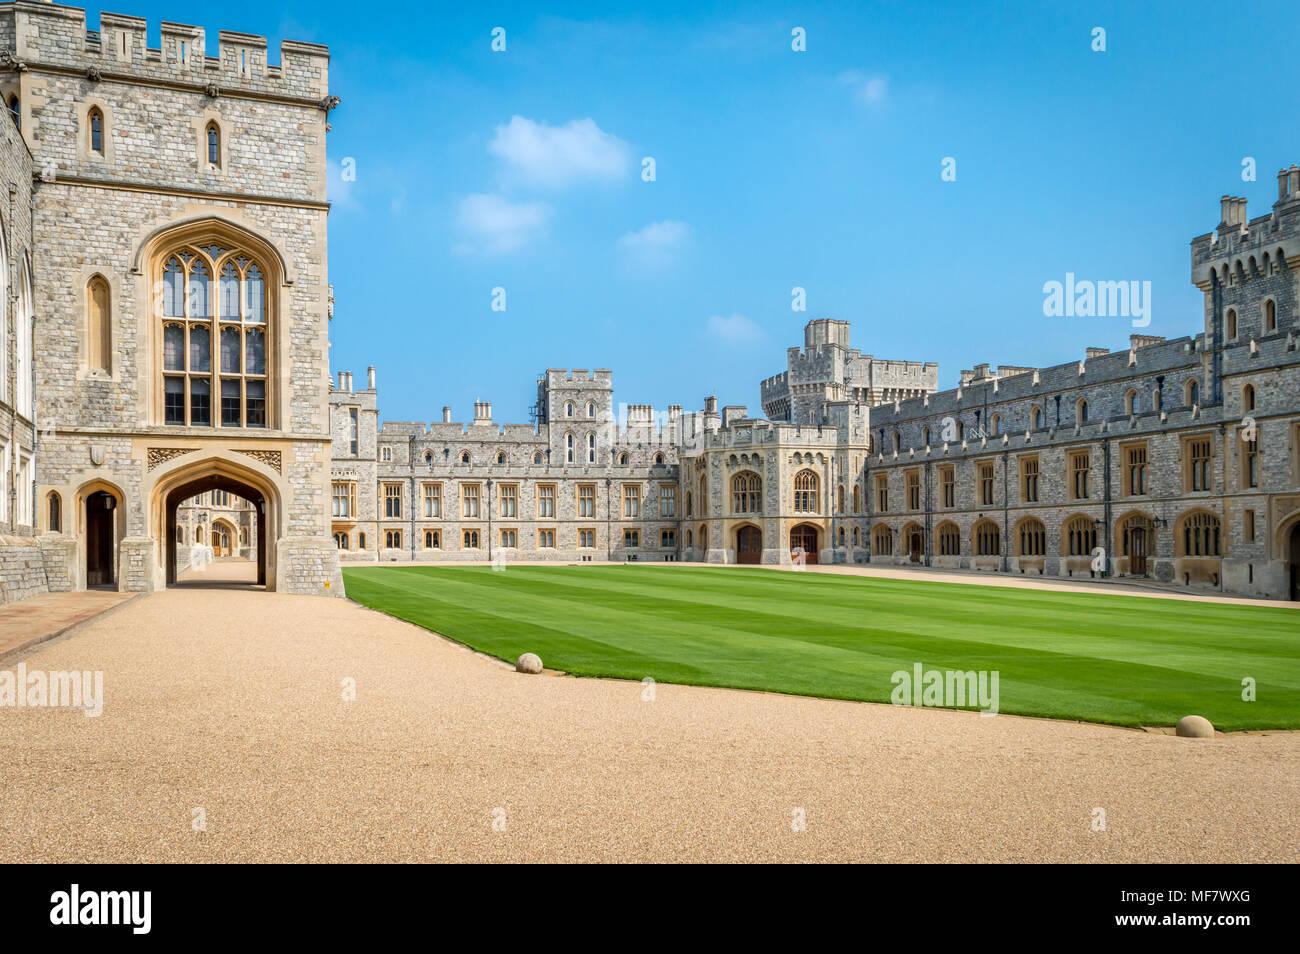 Windsor, Regno Unito - 05 Maggio 2016 : vista della tomaia Ward (quadrangolo) nel borgo medievale del Castello di Windsor. Il Castello di Windsor è una residenza reale a Windsor in Immagini Stock